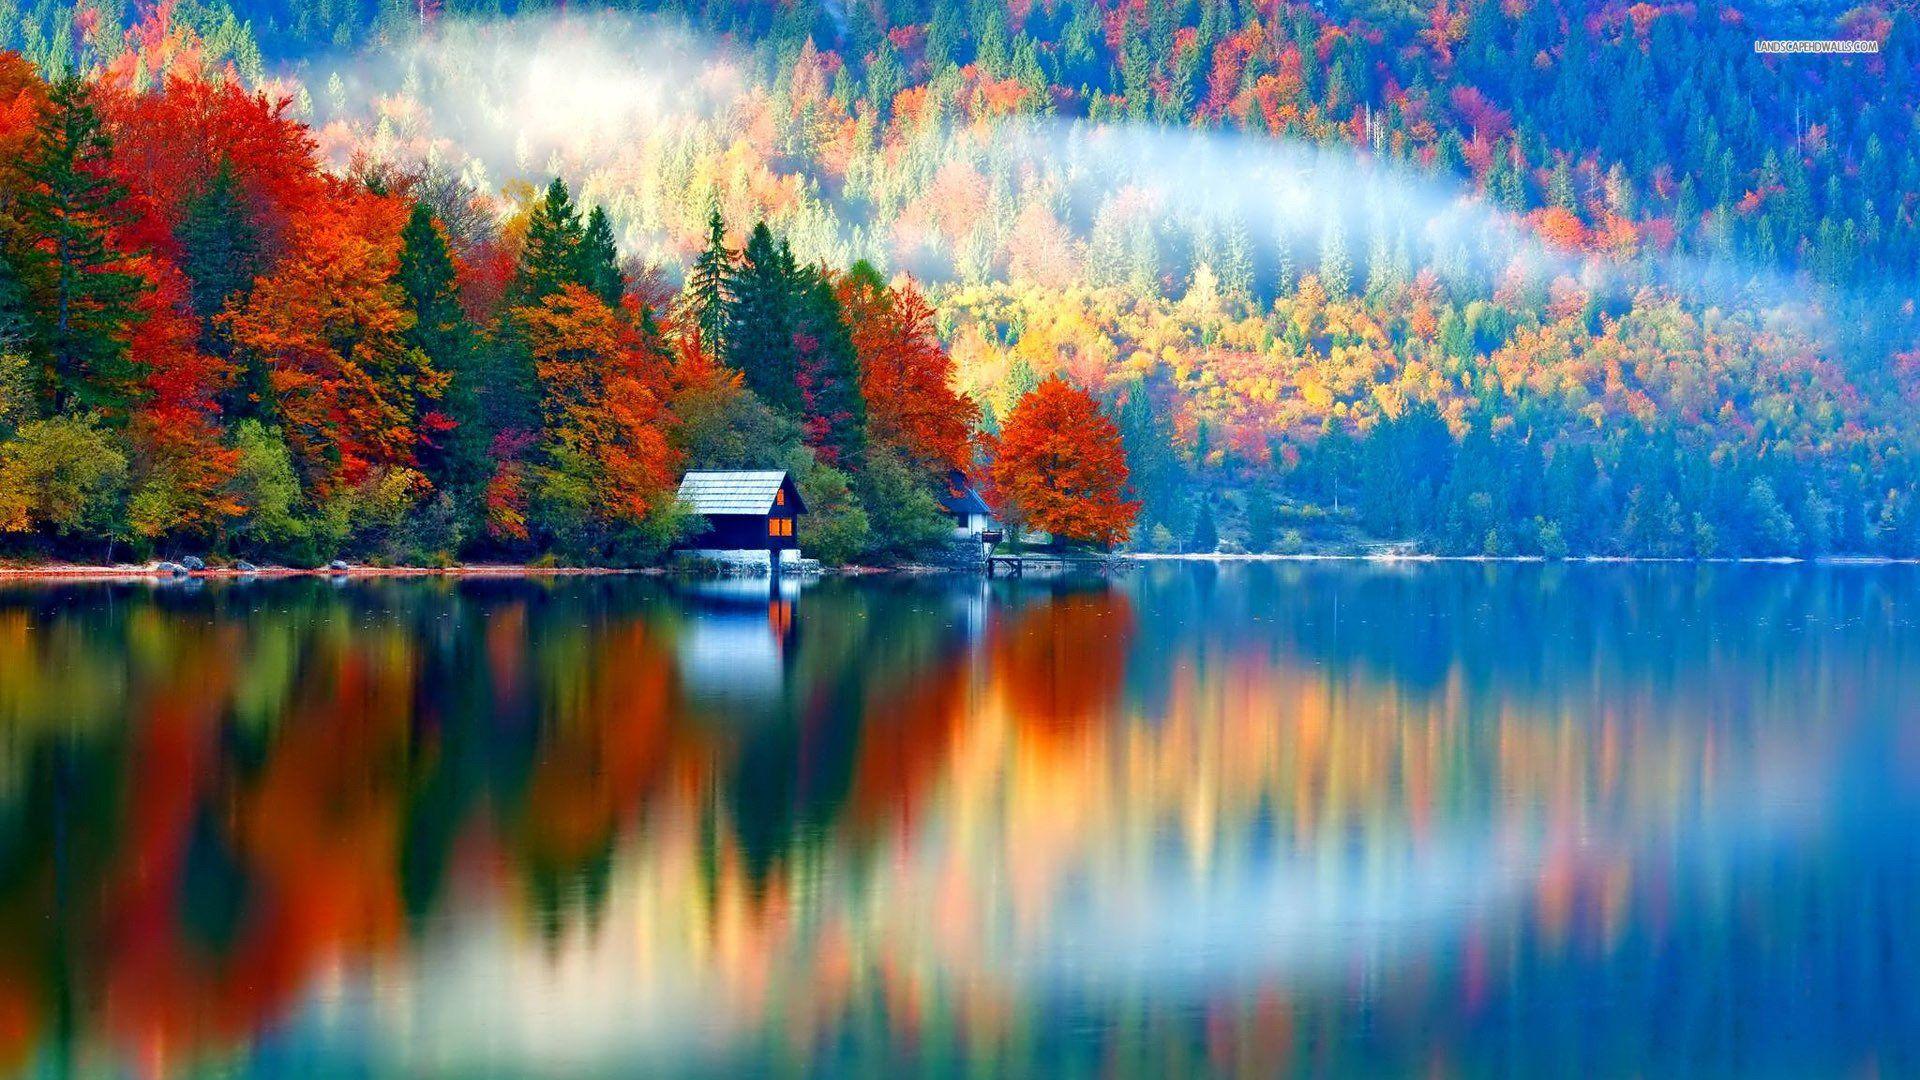 hd nature desktop backgrounds fall